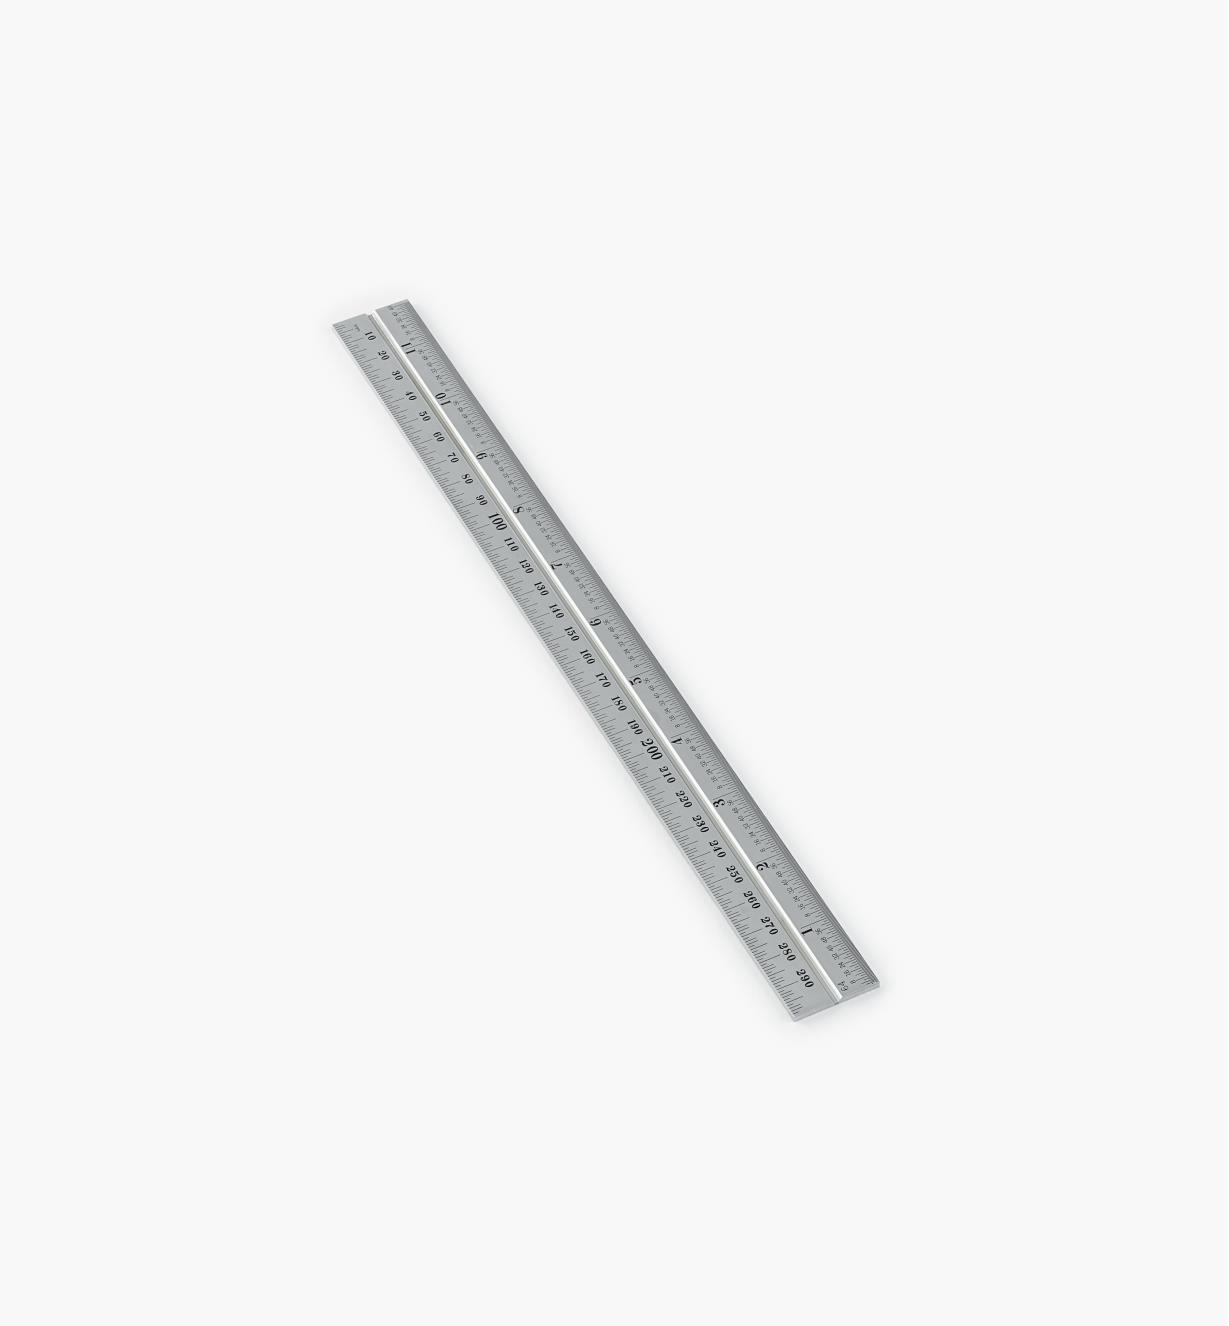 30N3150 - Règle 11 3/4 po–300 mm, fini chrome pour têtes d'équerre de 12 po et 300 mm, rapporteur d'angle et tête de centrage Starrett